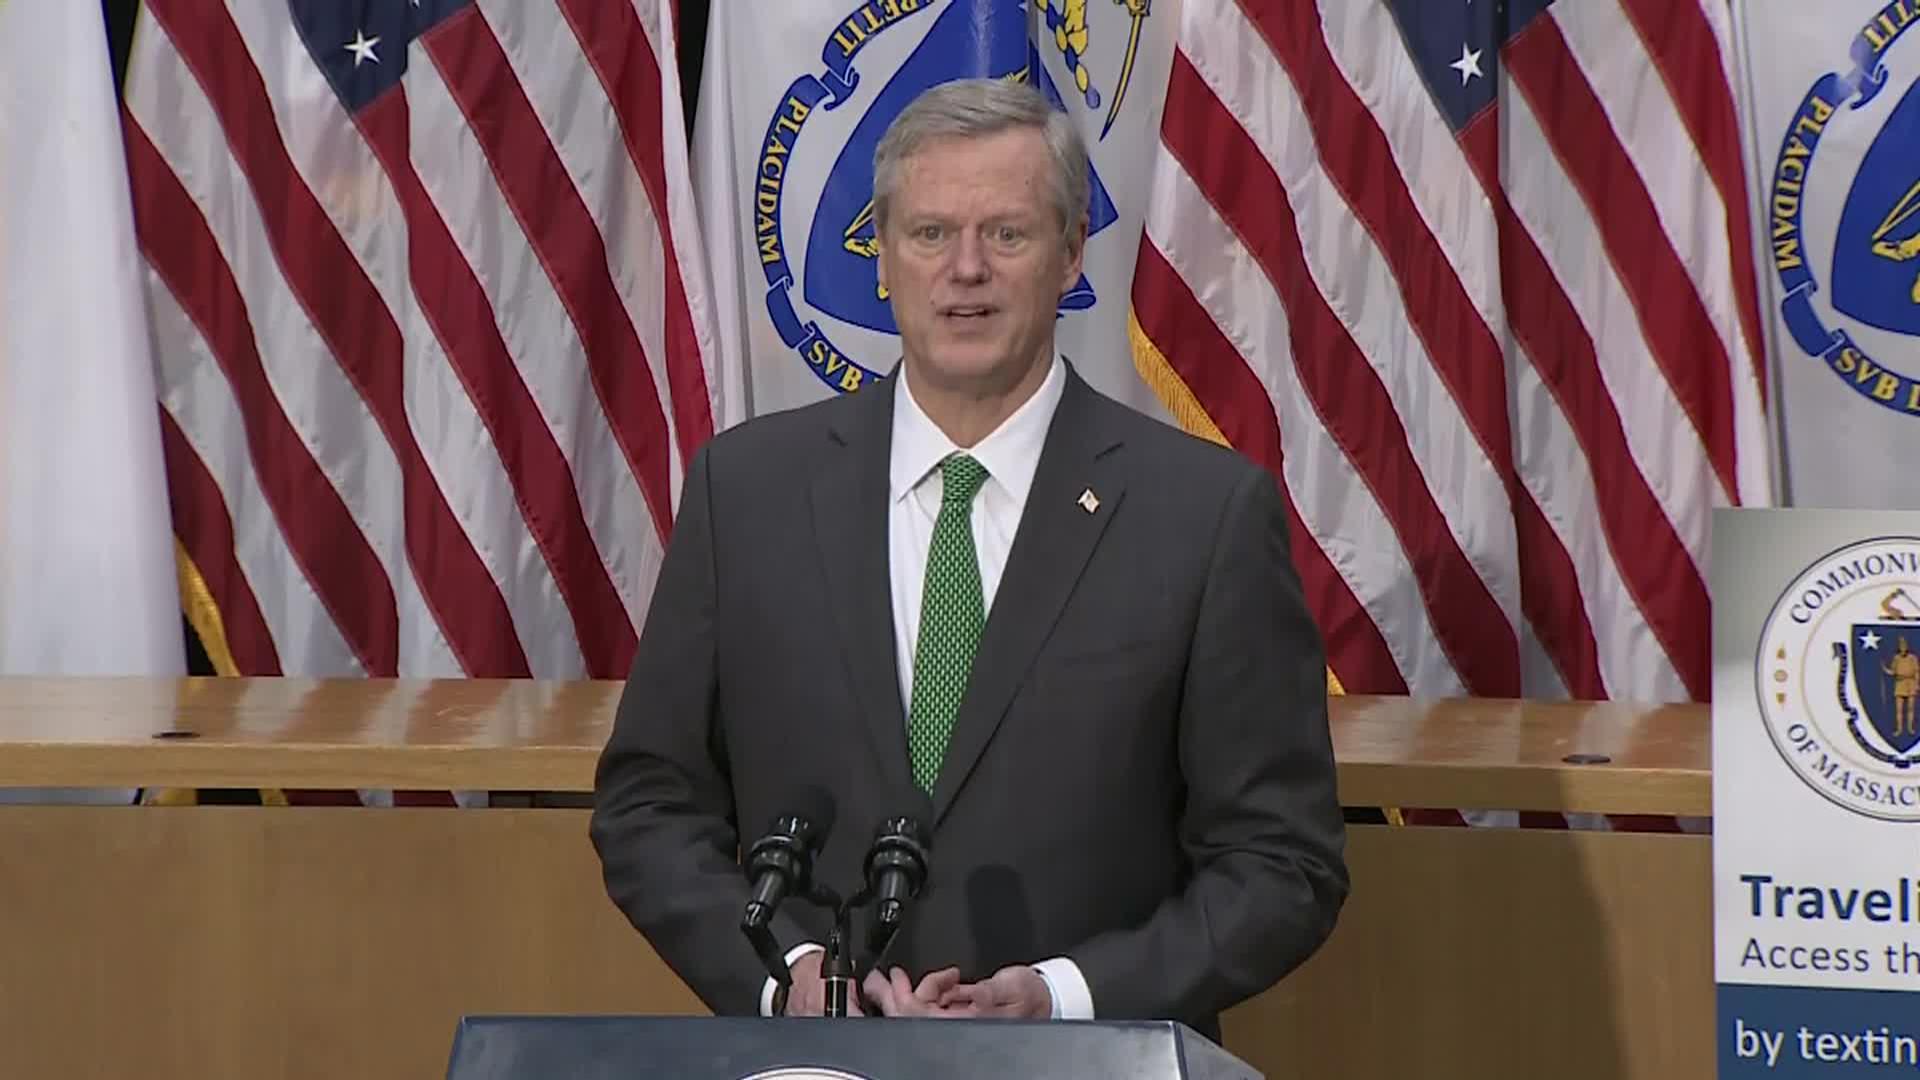 Massachusetts Gov. Charles Baker speaks during a press conference in Boston on September 24.